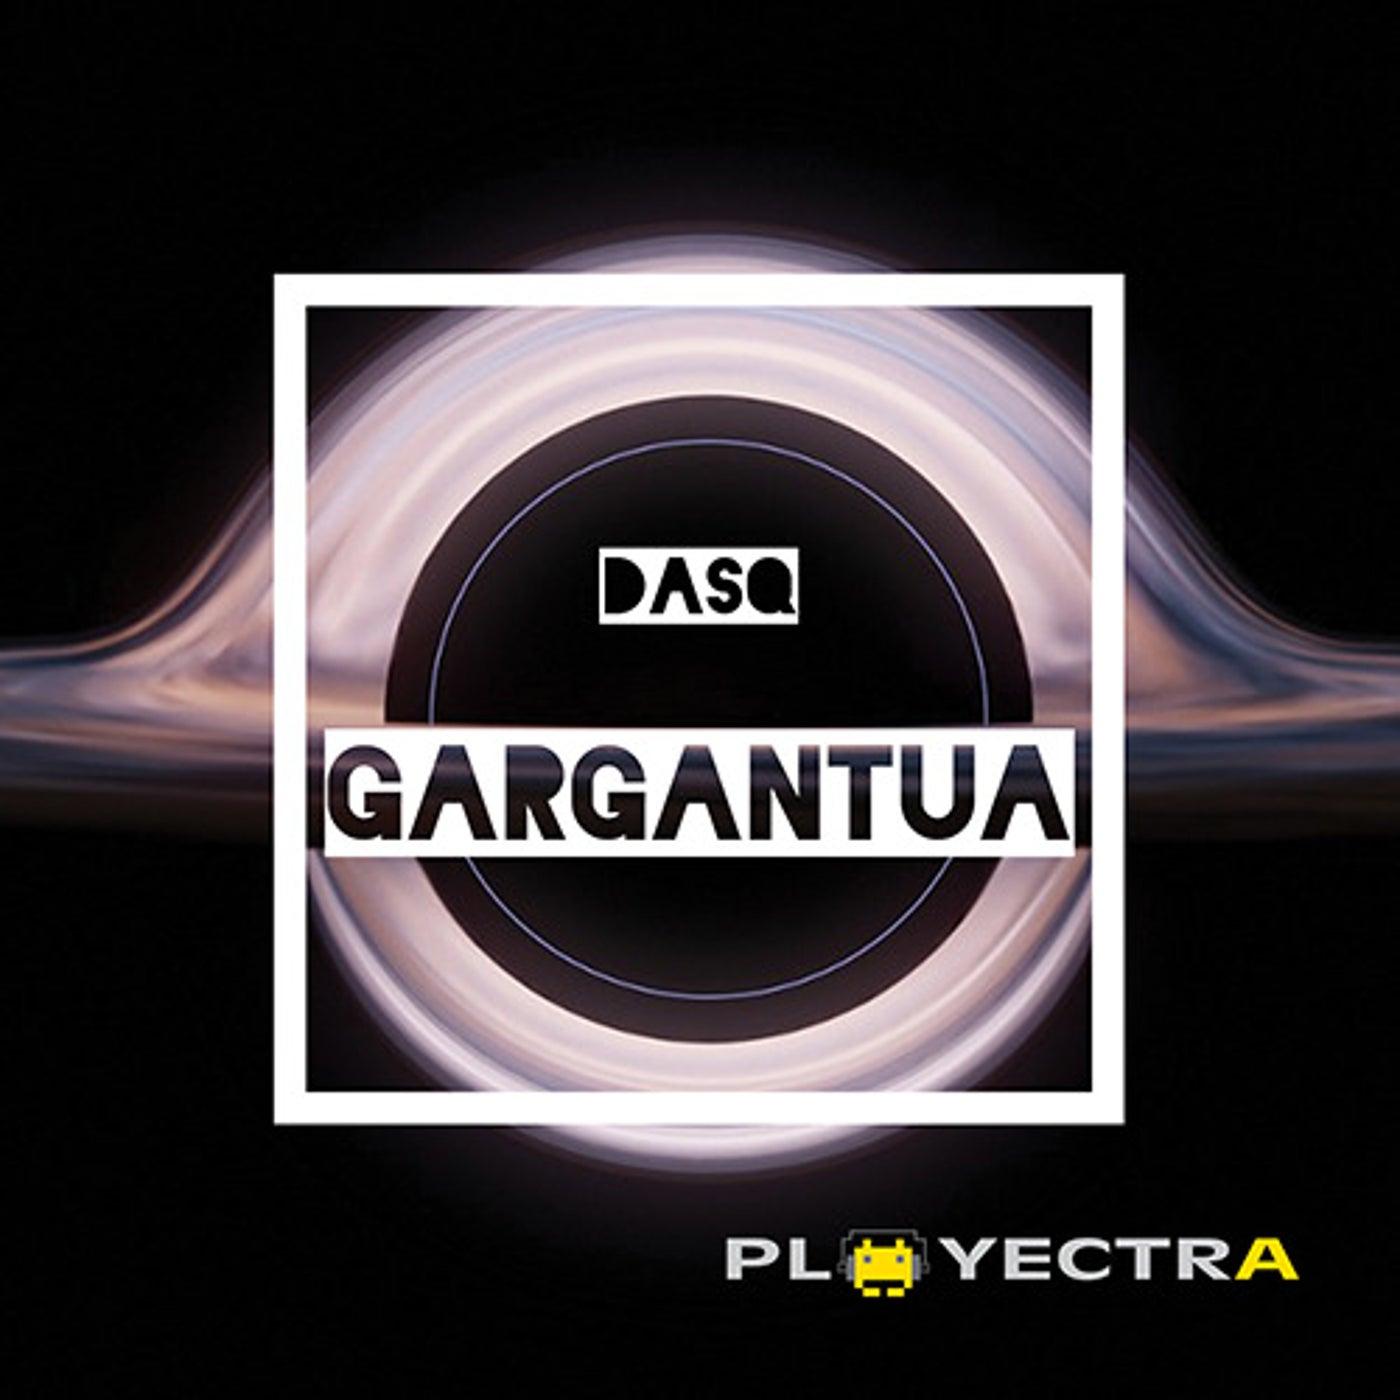 Gargantua (Original Mix)